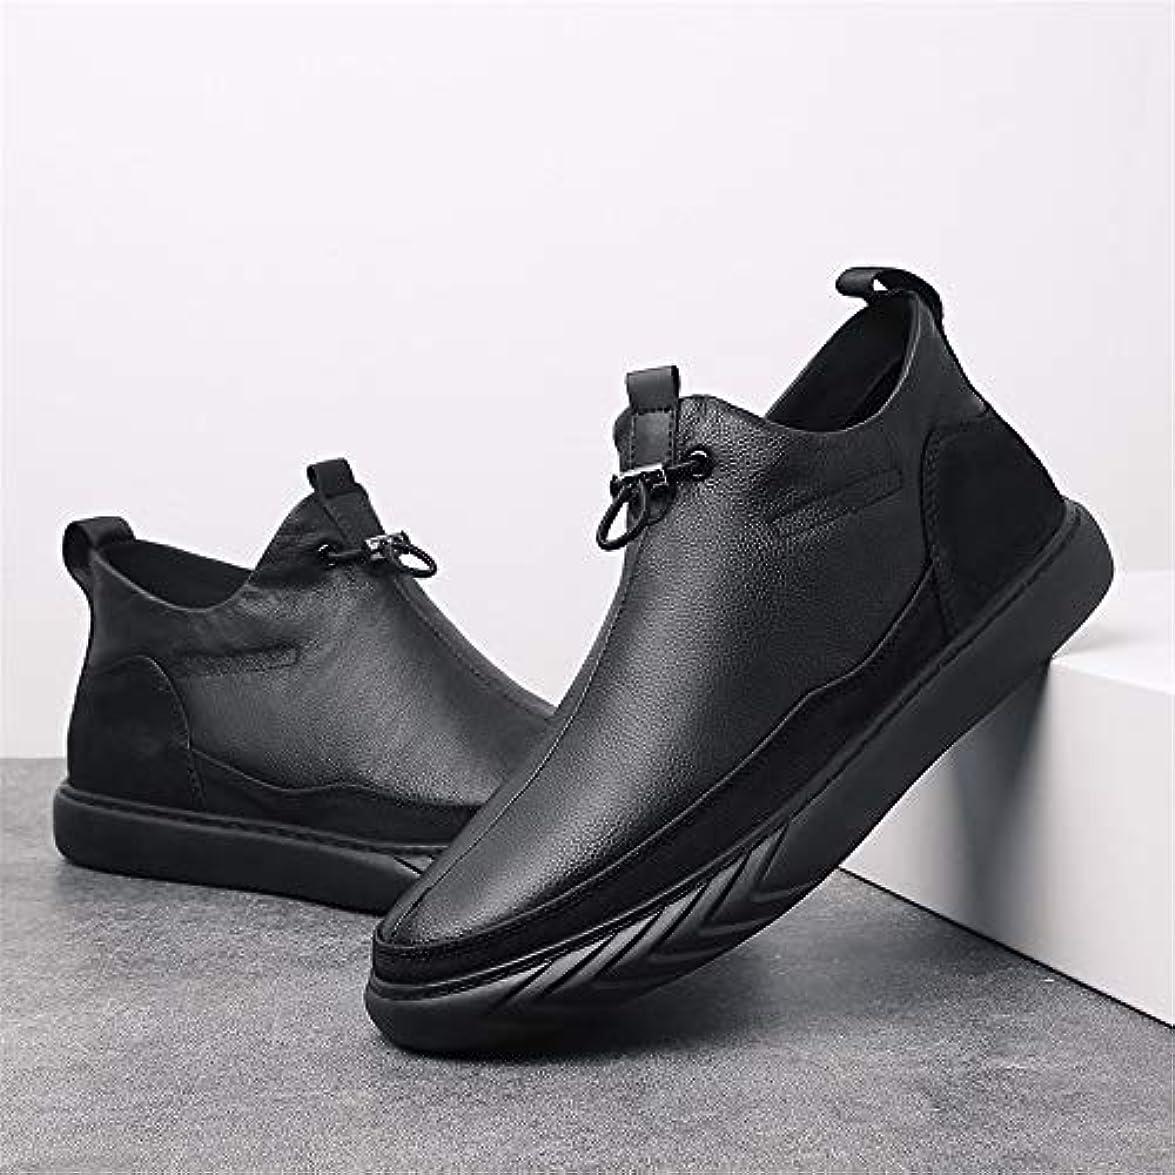 Xhd-scarpe Scarpe Da Uomo Casual In Pelle Con Chiusura Al Ginocchio Alte Coulisse E Lacci